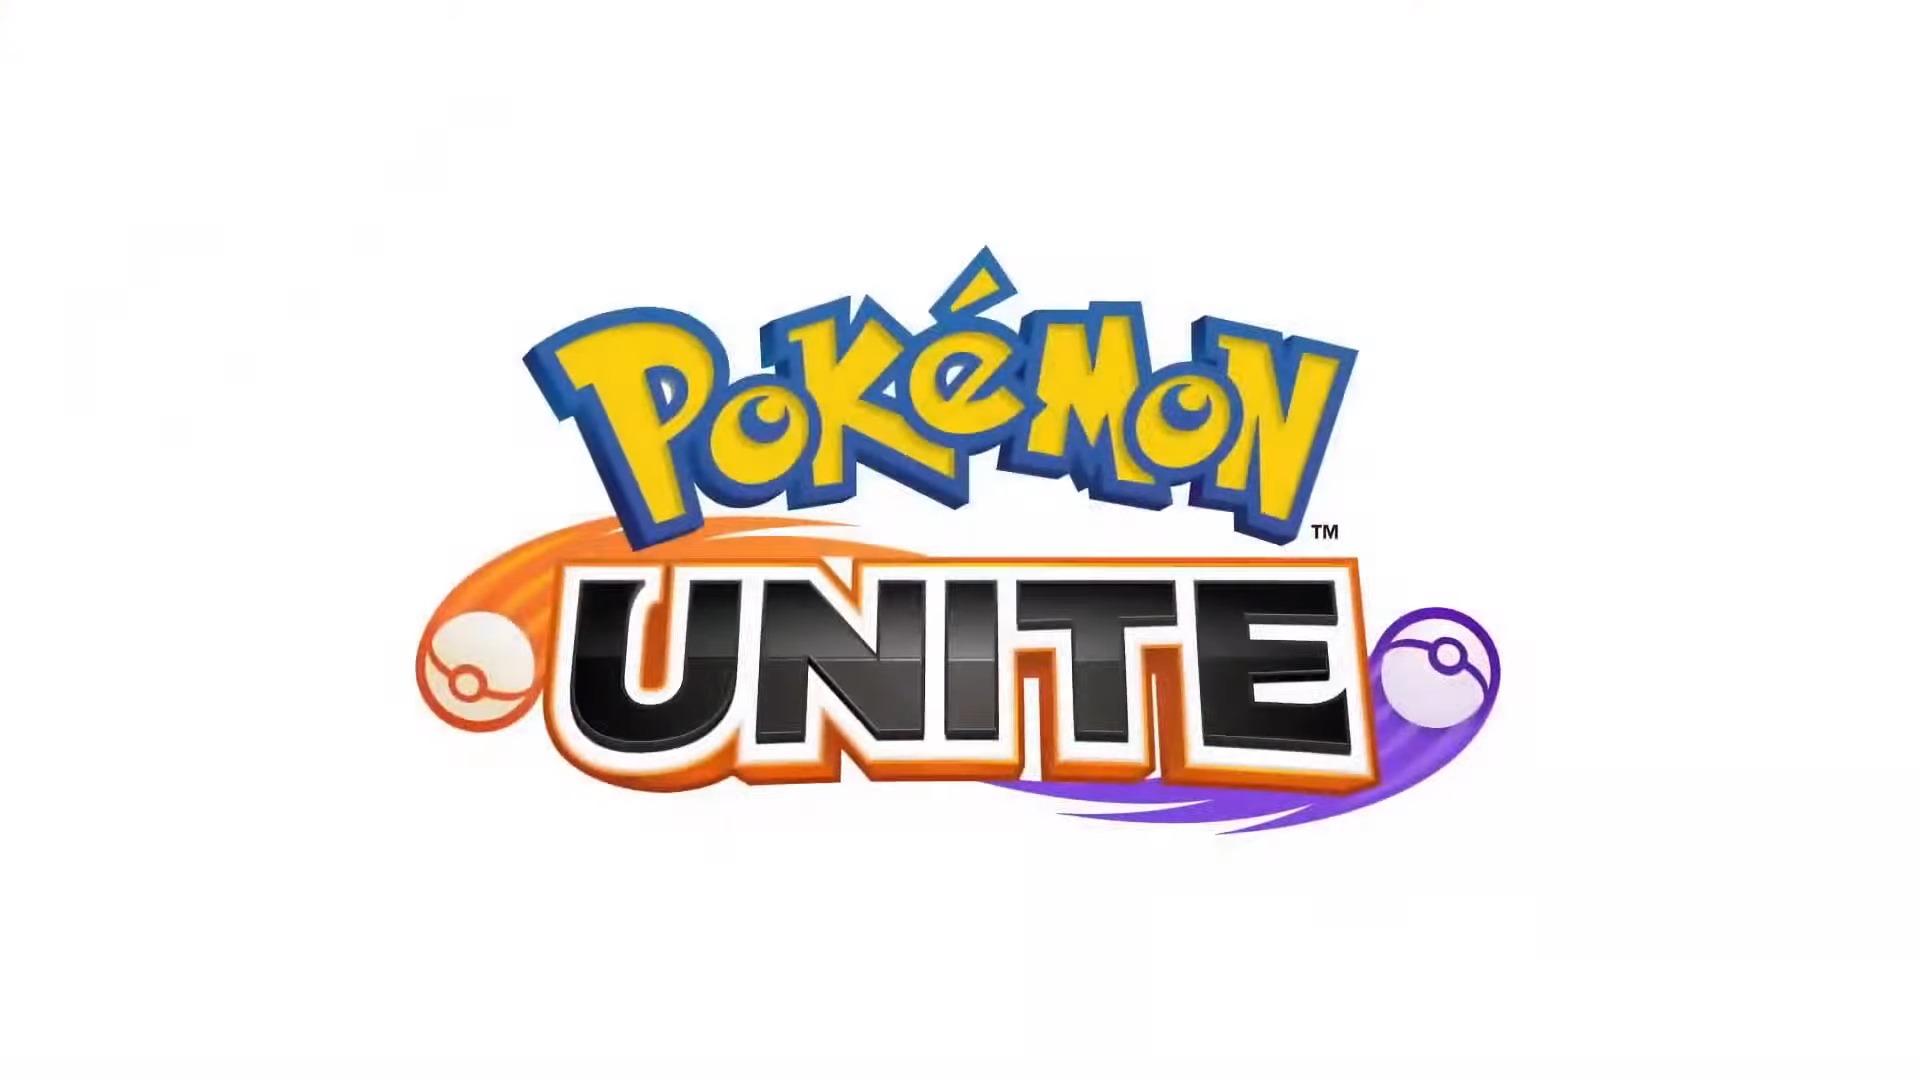 Pokemon Unite Reveal Trailer And Gameplay – Strategic Team-Based Pokemon Battle Game